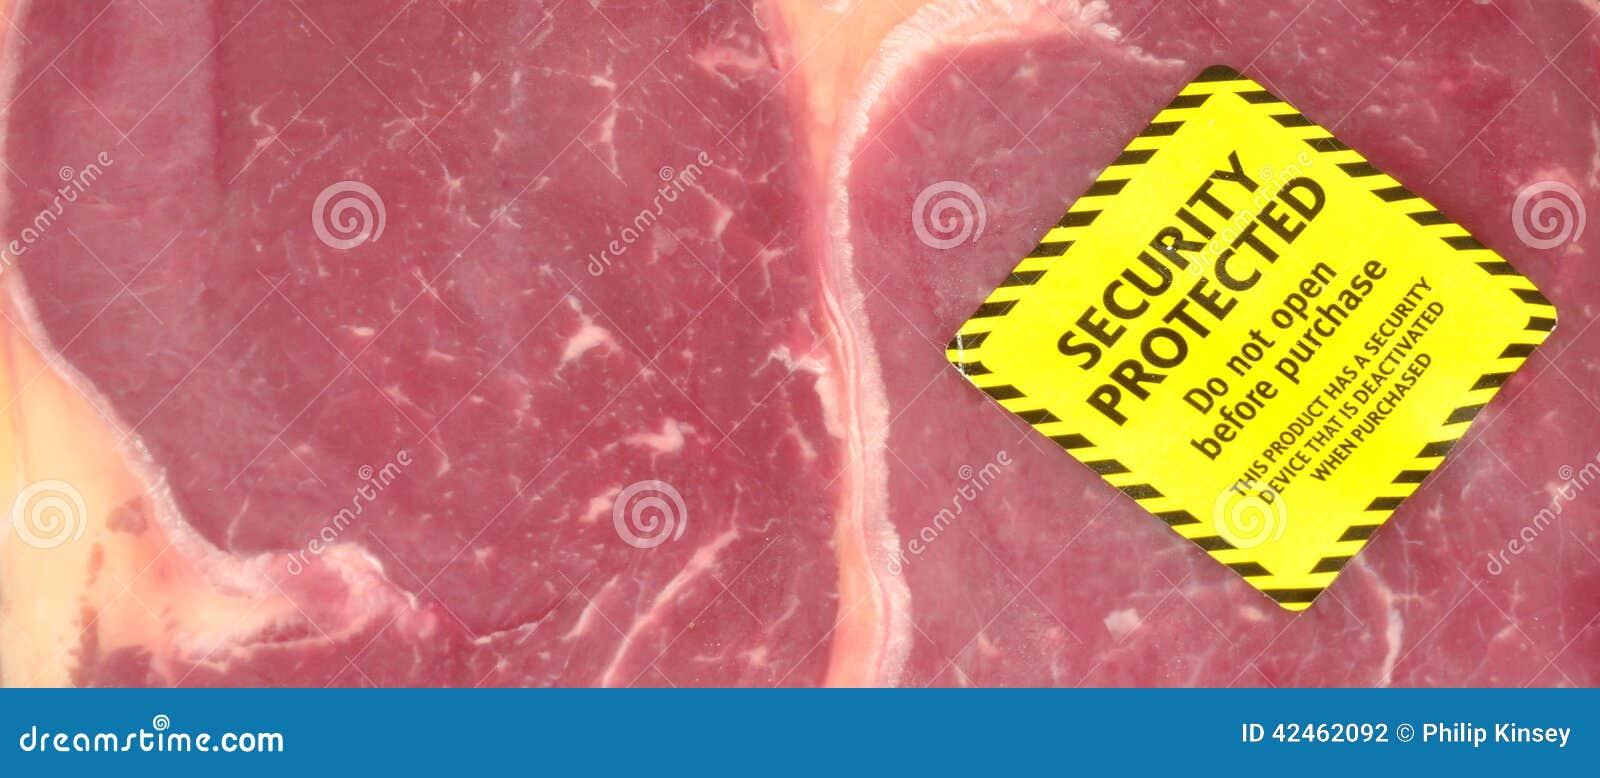 Frischfleisch-Sicherheits-Tag